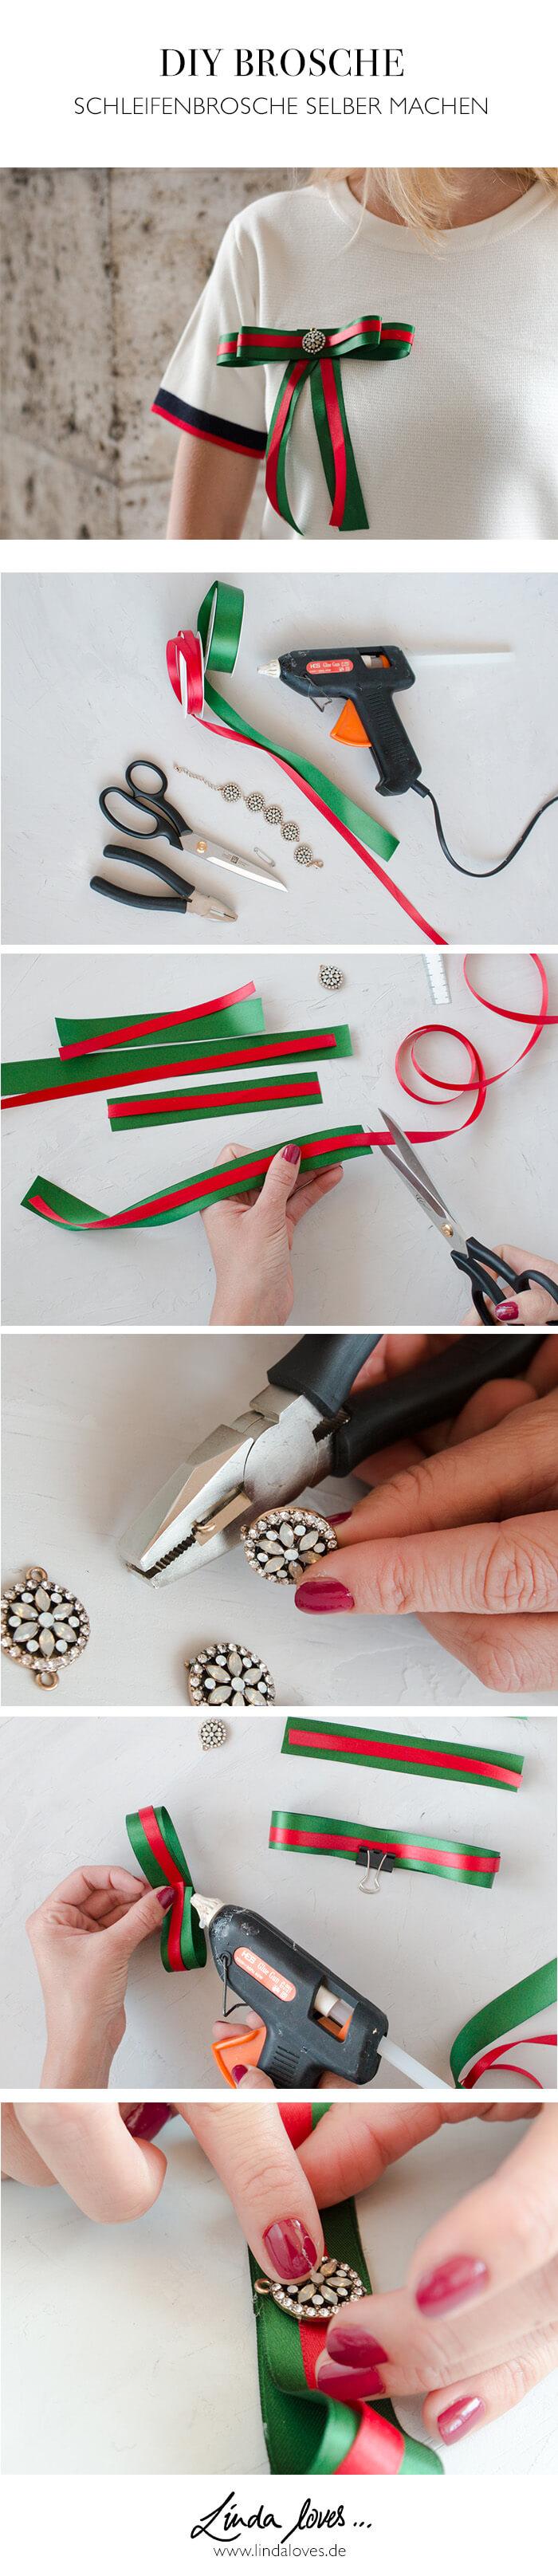 Schleifenbrosche selber machen - Accessoire DIY aus Geschenkbändern - DIY Blog lindaloves.de